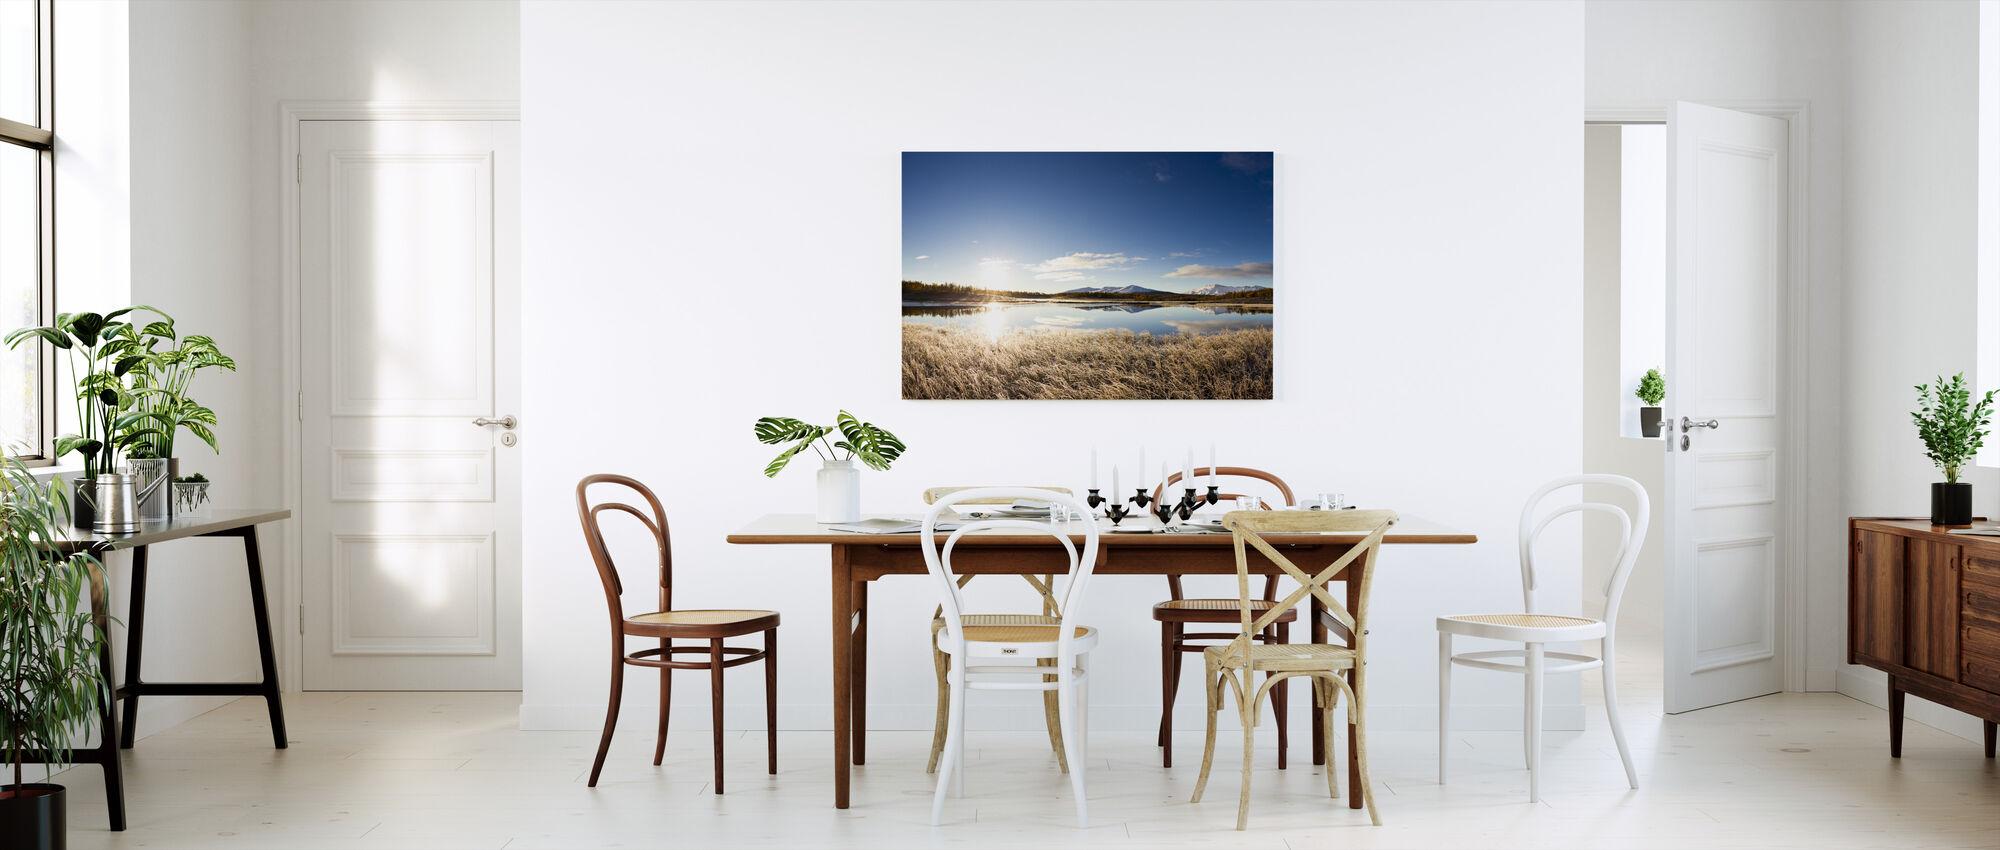 Norra svenskt landskap - Canvastavla - Kök